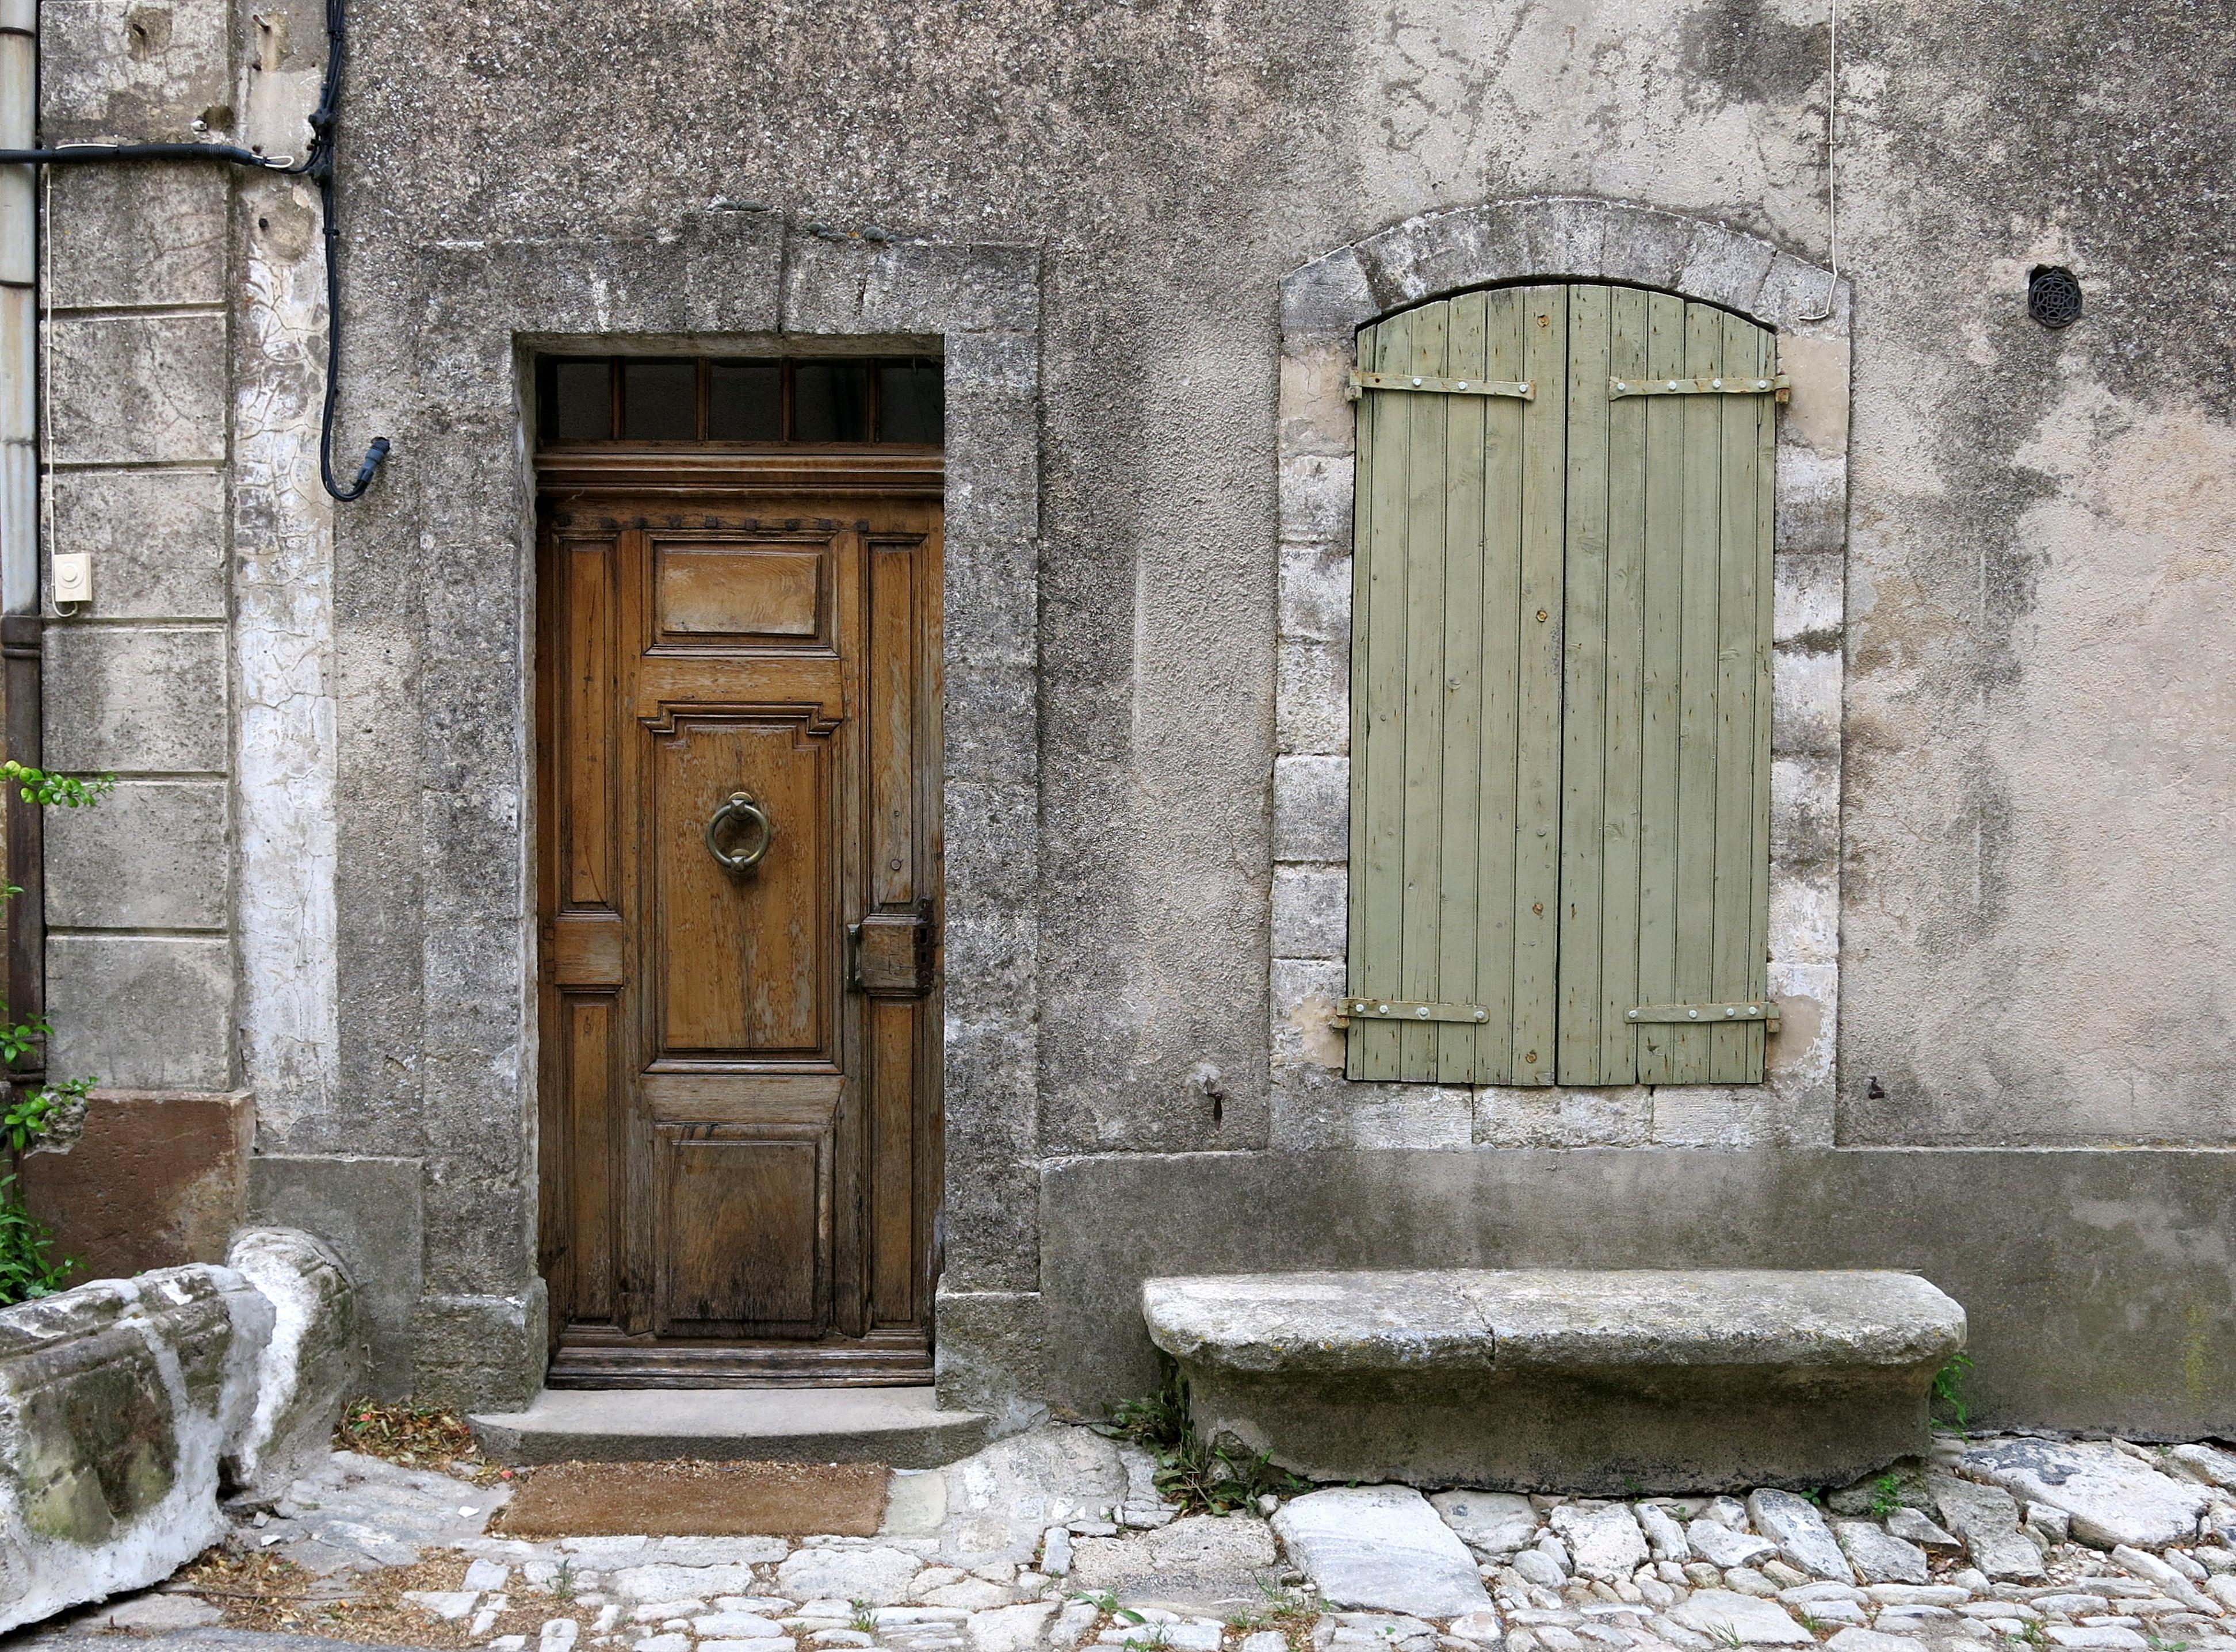 Best finestra parete casa verde villaggio panchina pallido - Zoccolo esterno facciata ...